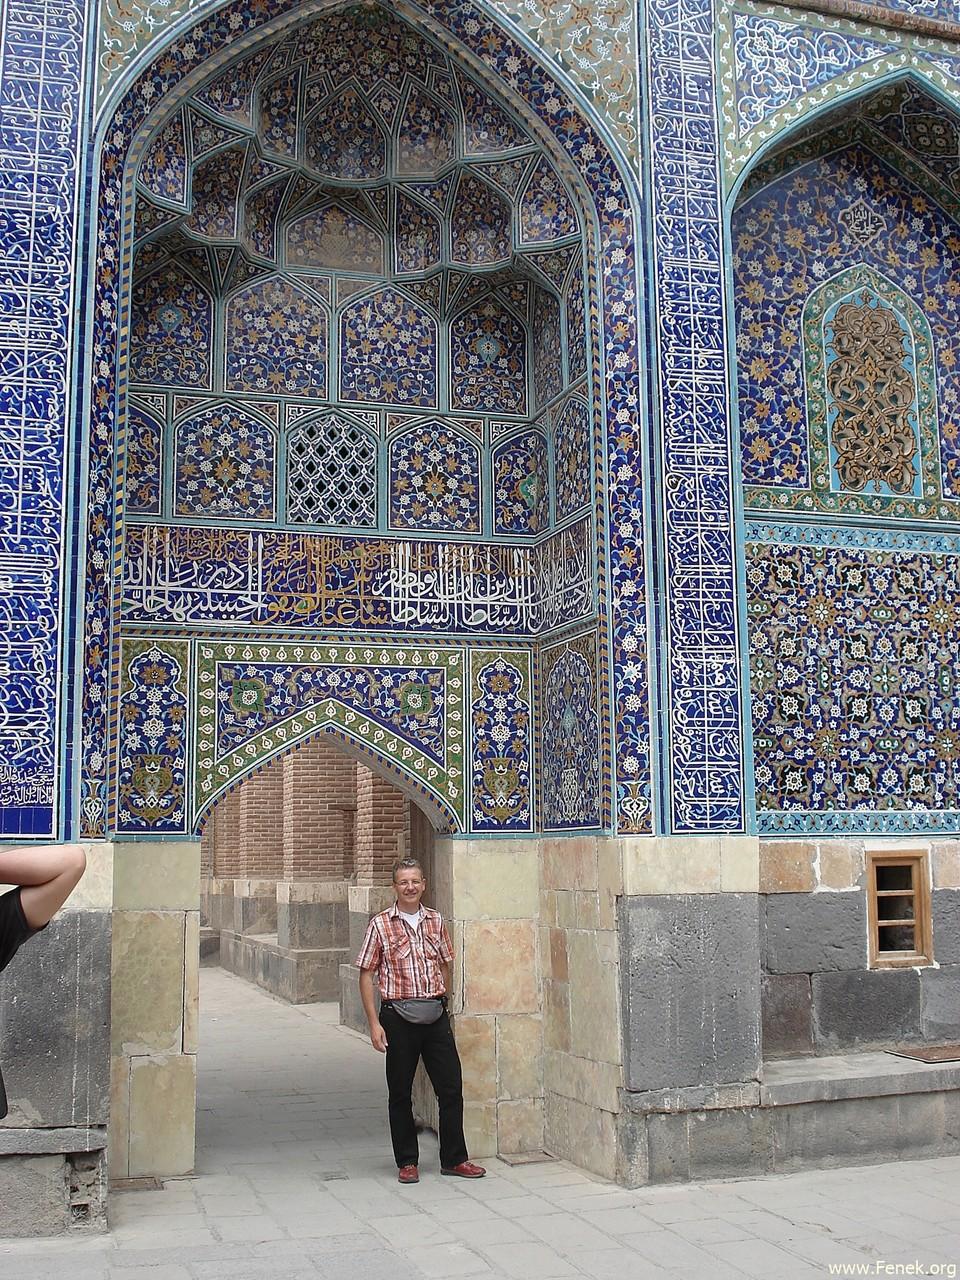 Eingang einer Moschee